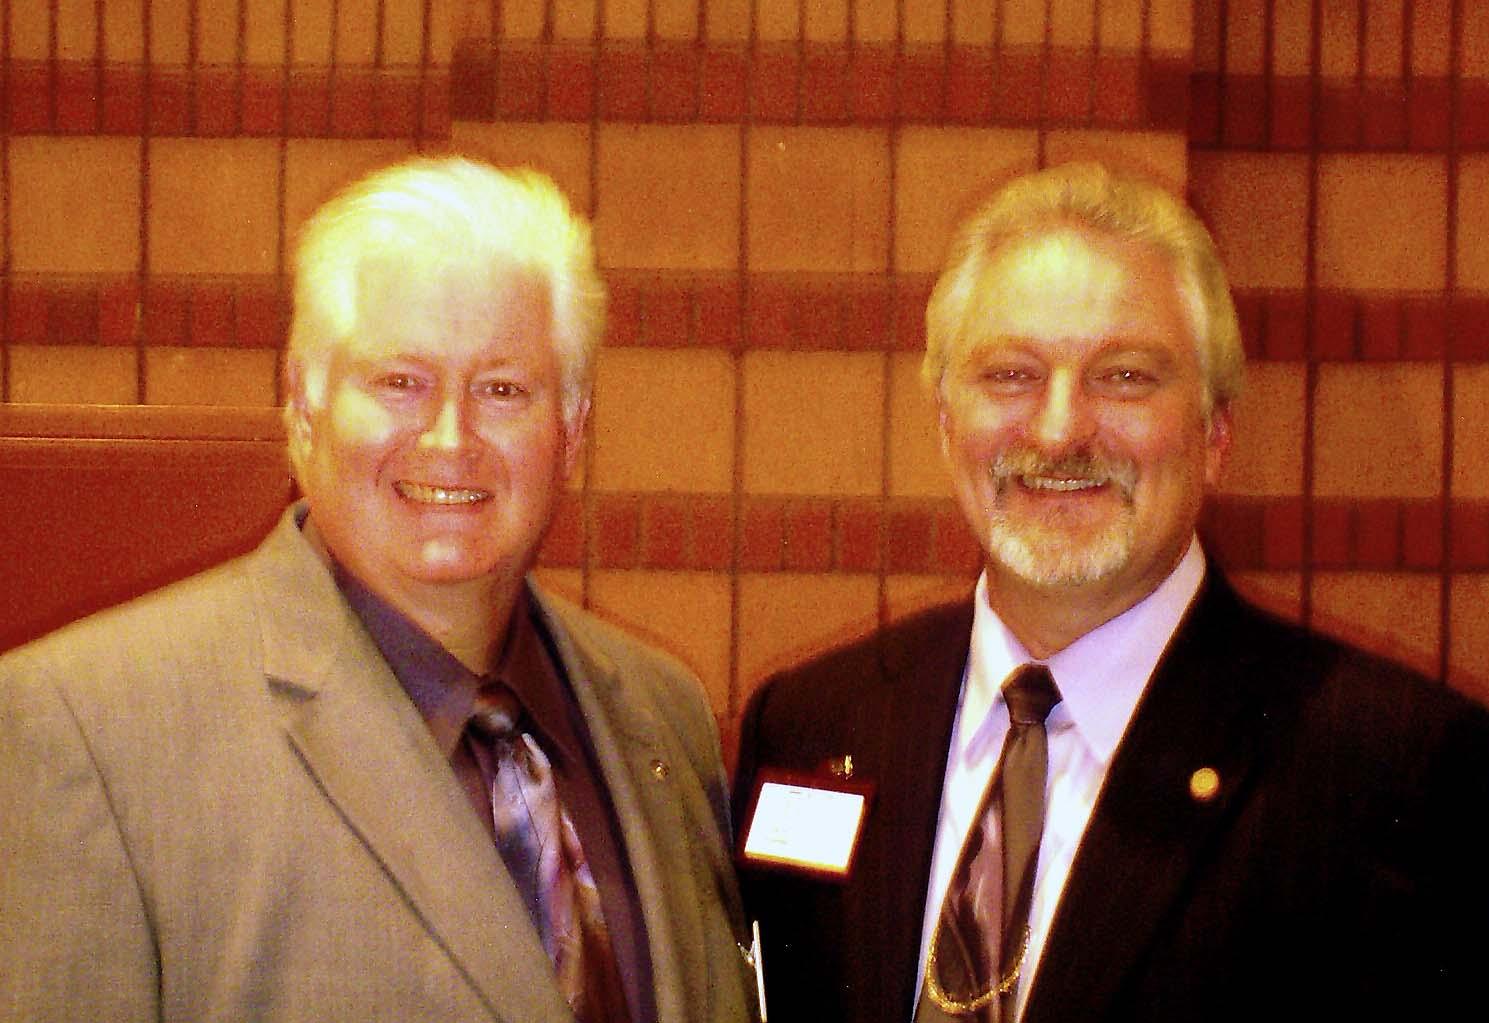 Dr. Panter and Dr. Misner